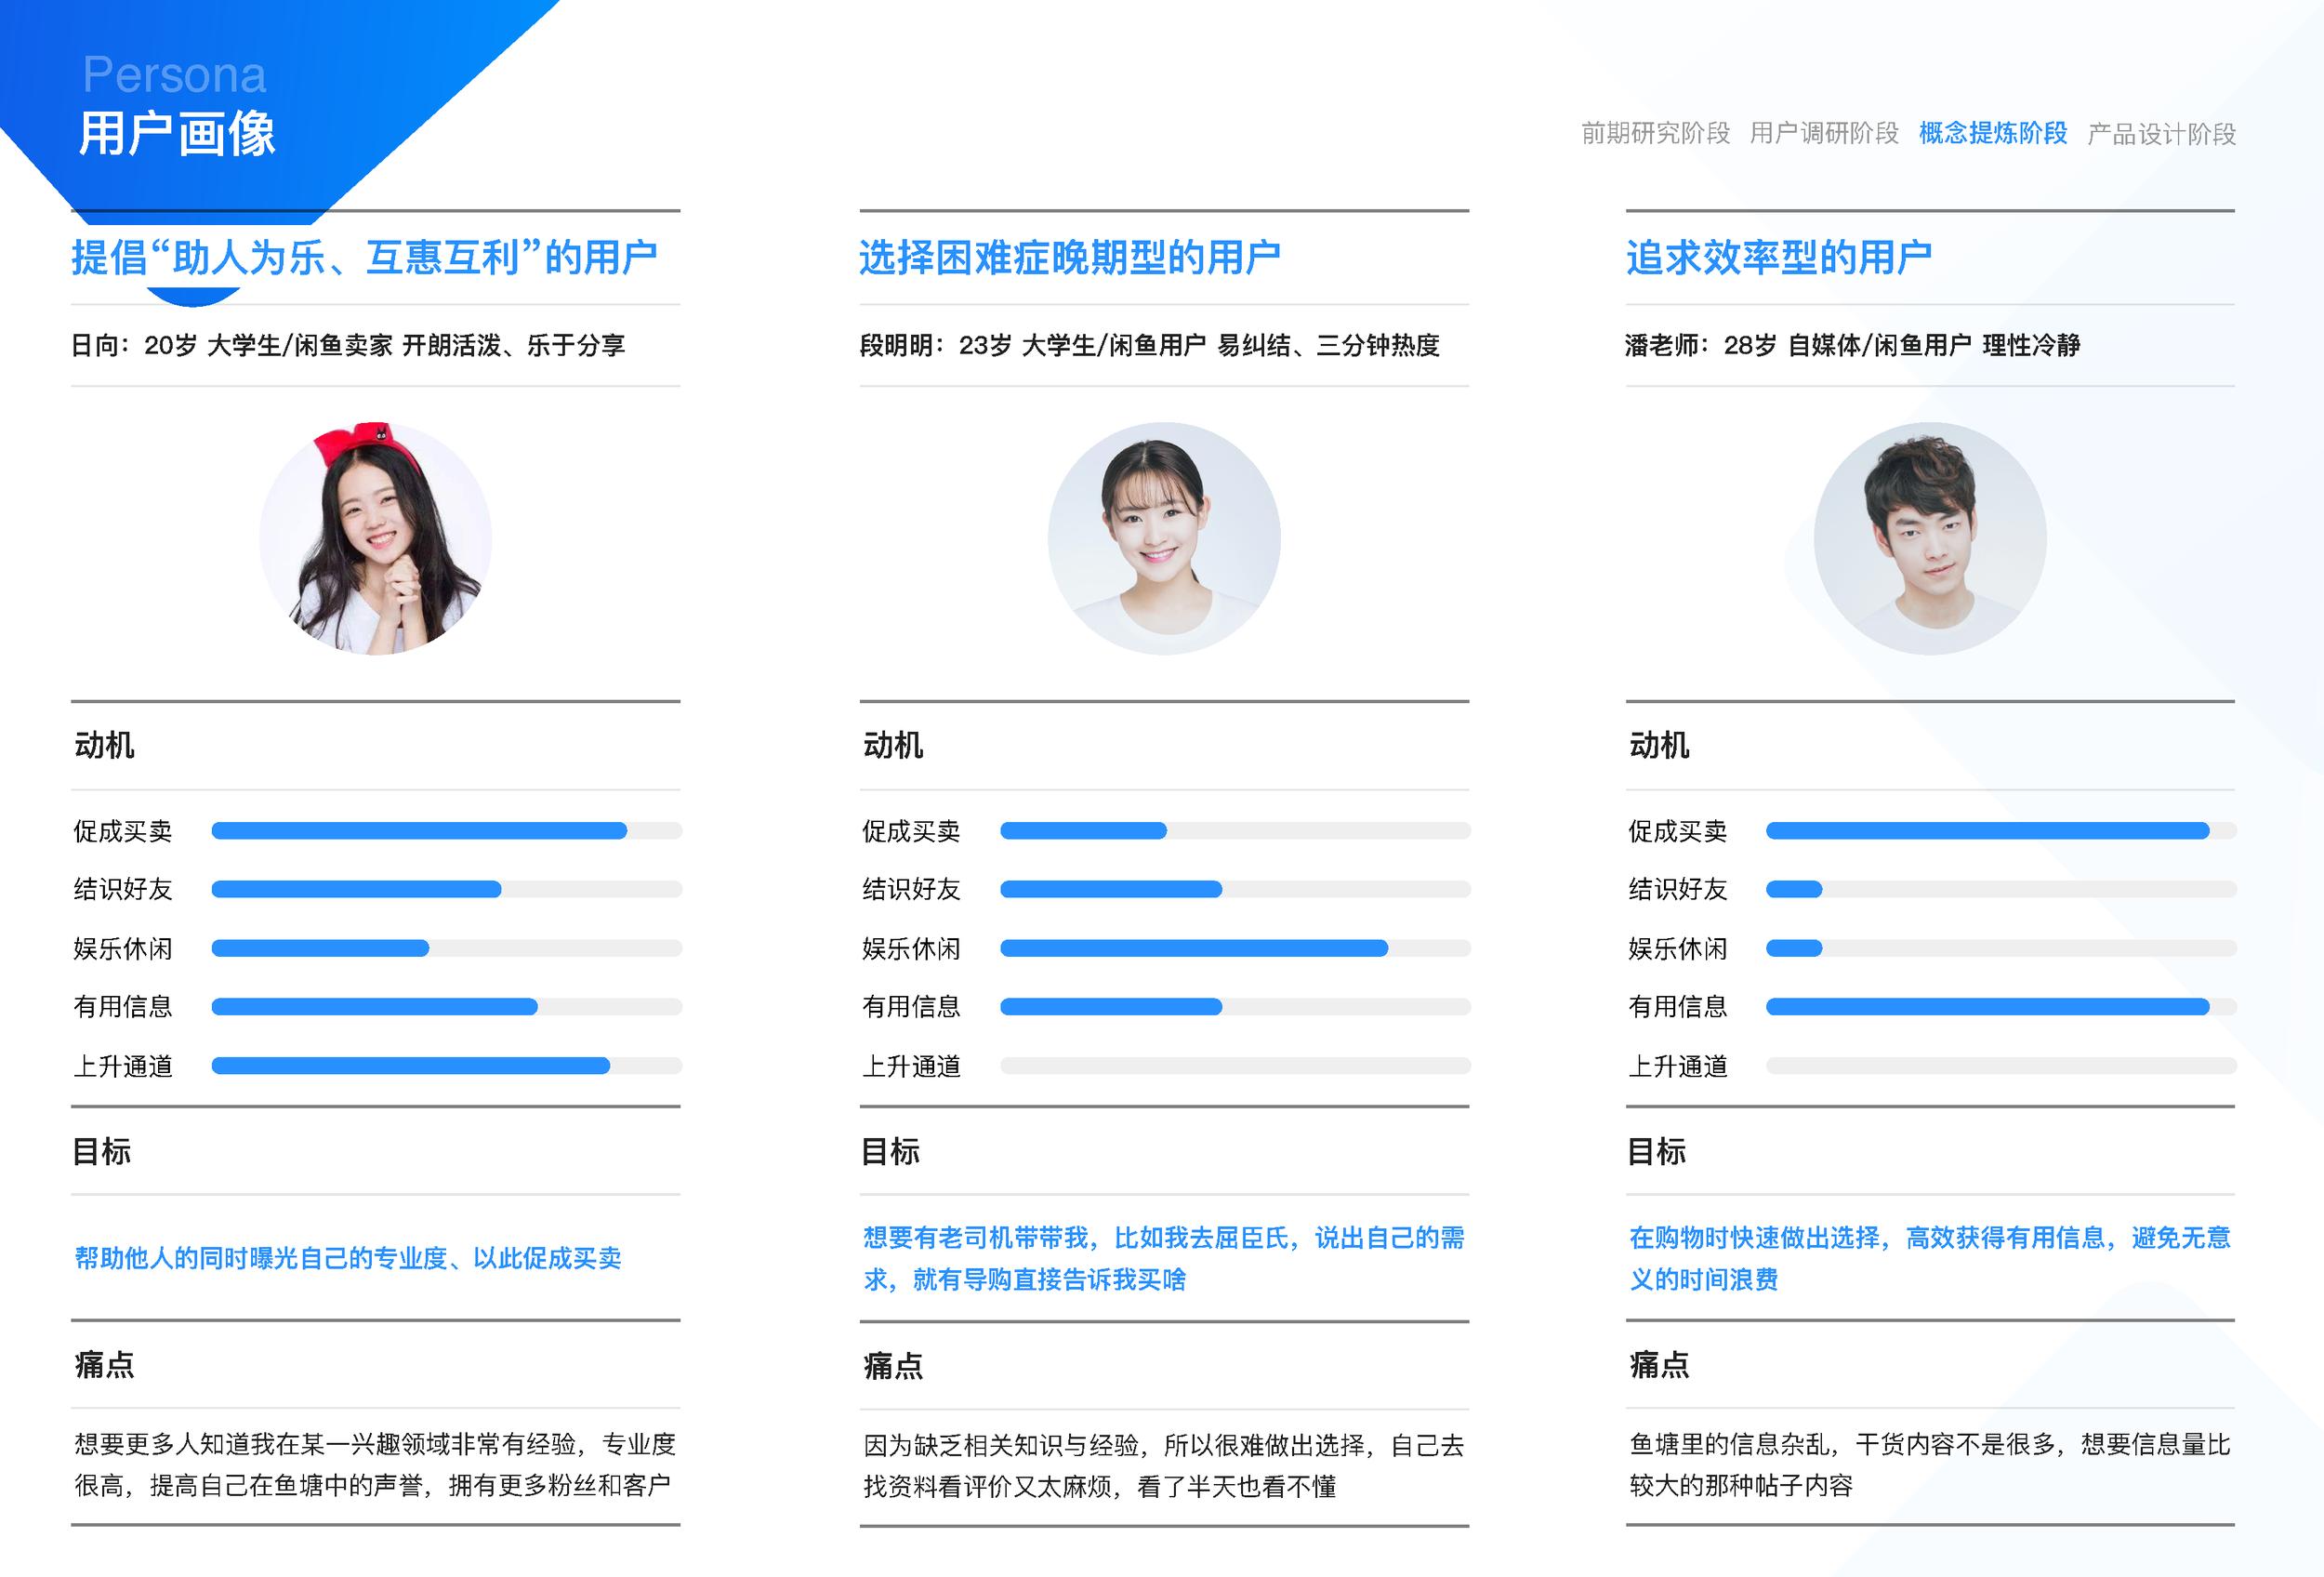 闲鱼社区互动设计(17小组油猫饼)_页面_14.png